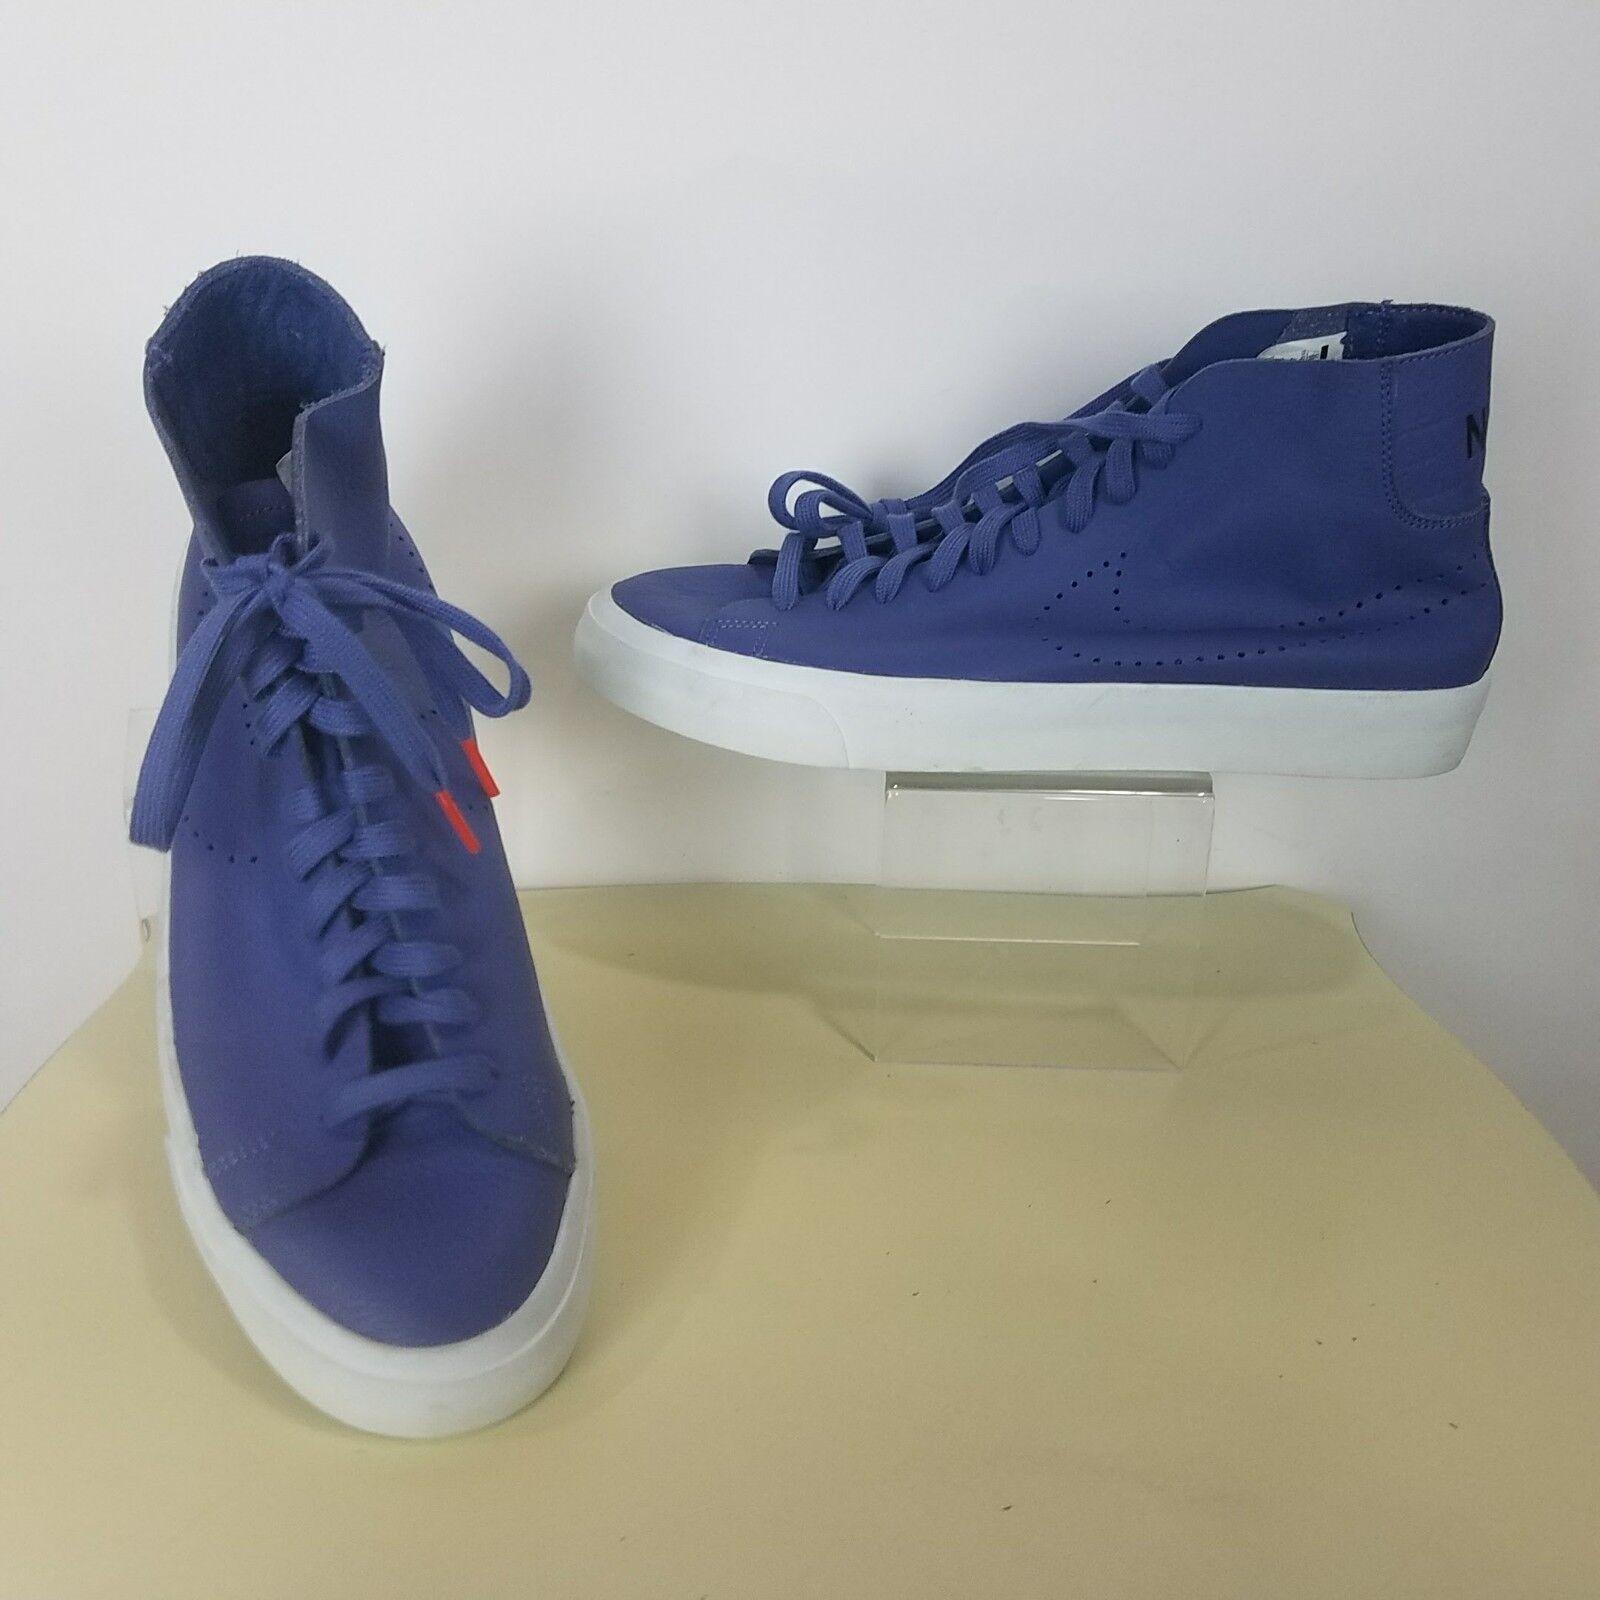 Nike Hombre italiano 10,5 Blazer Studio cuero italiano Hombre Luna Azul 880870-400 skater Hi Top 4064e9